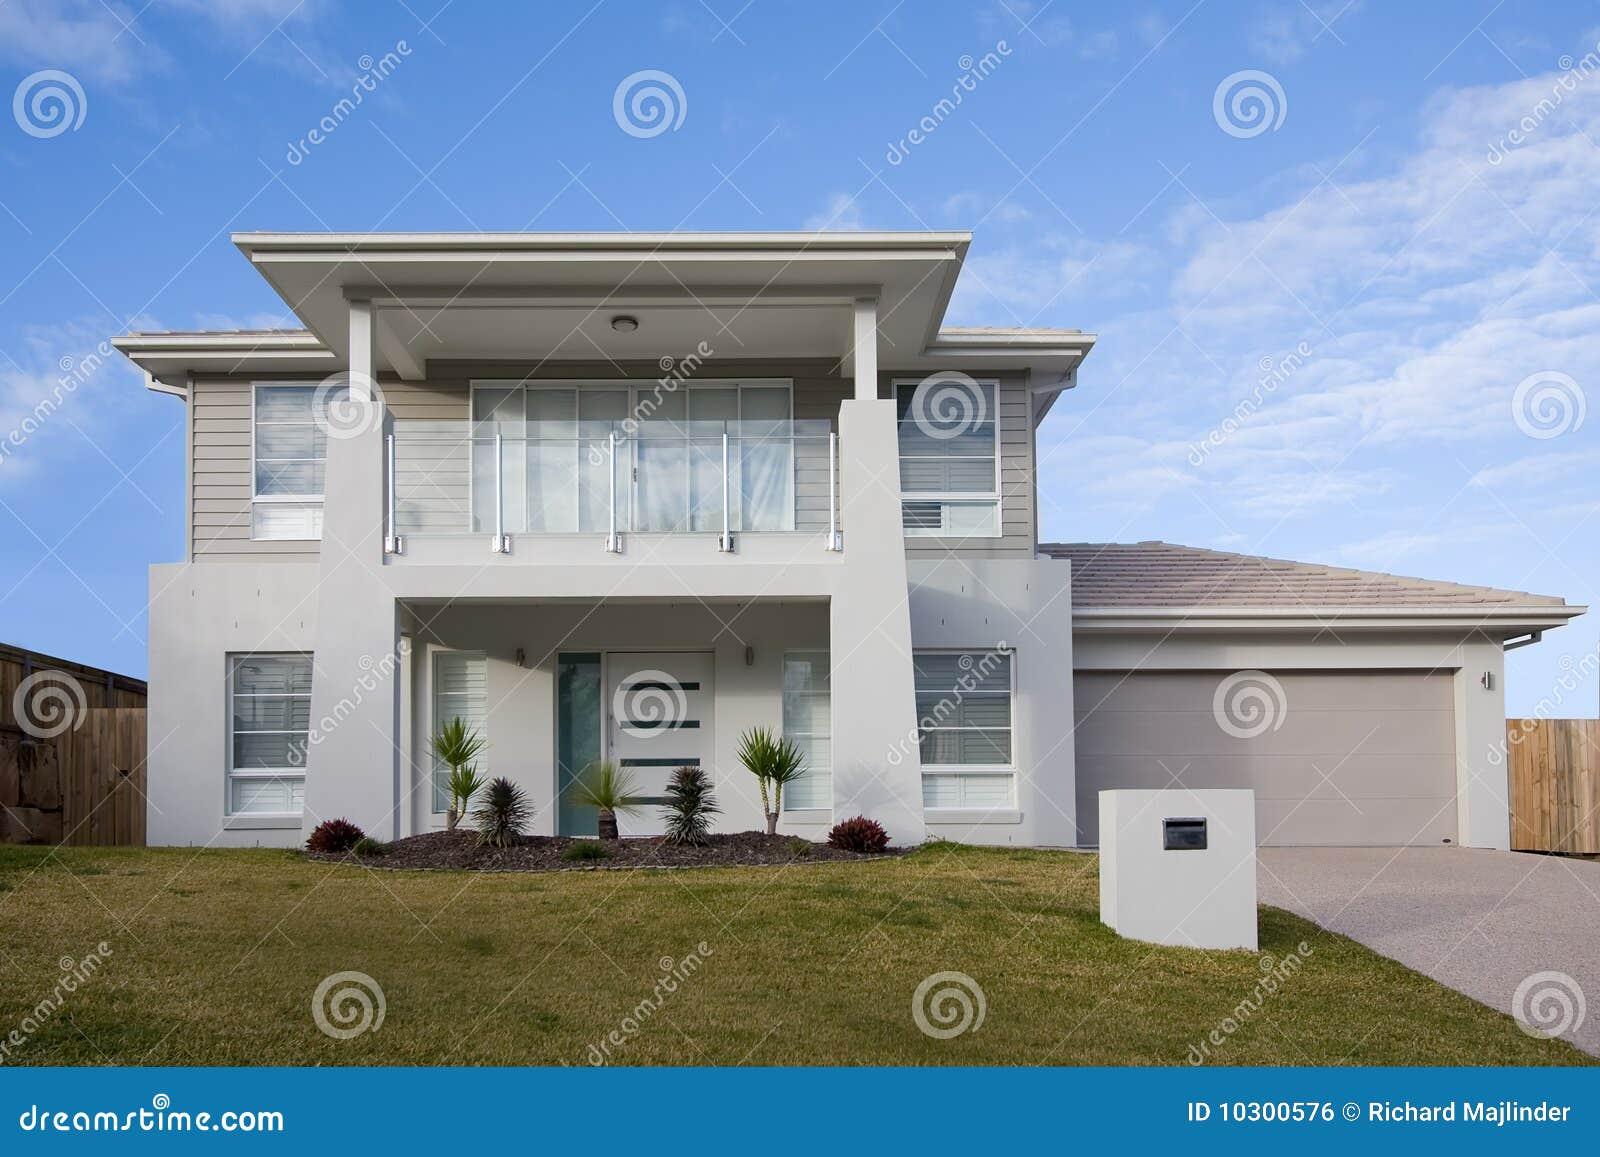 Maison moderne de deux tages avec un balcon image libre for Facade maison avec balcon